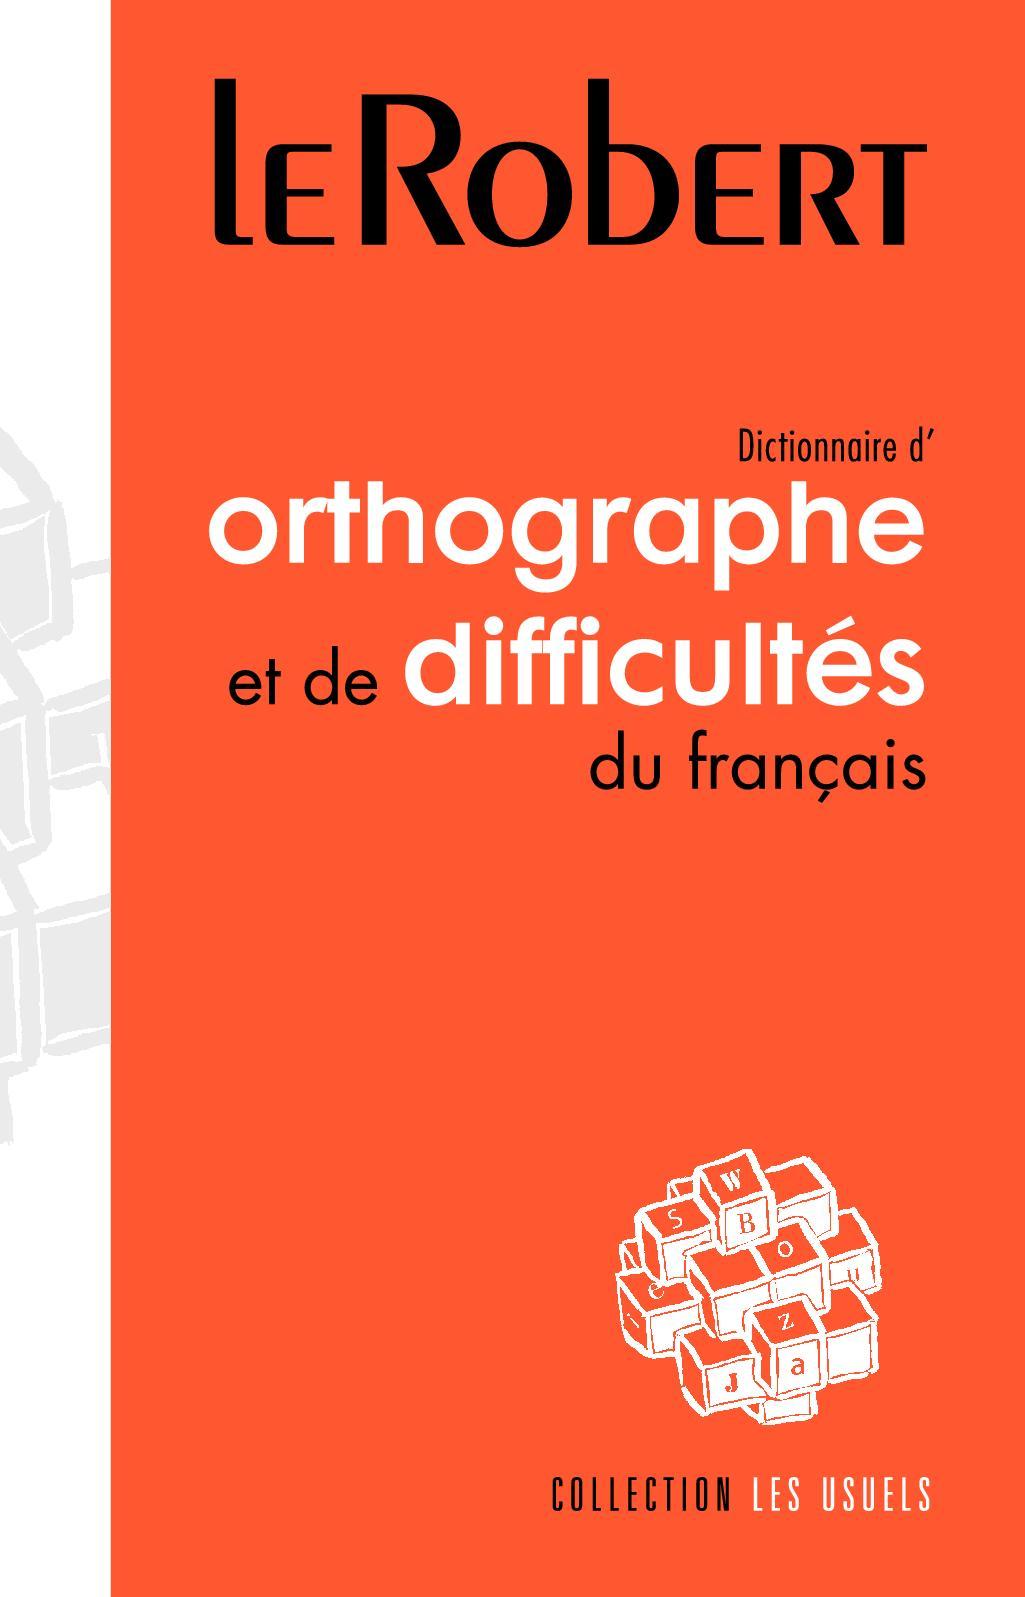 Dictionnaire d'orthographe et de difficultés du français - Grand format